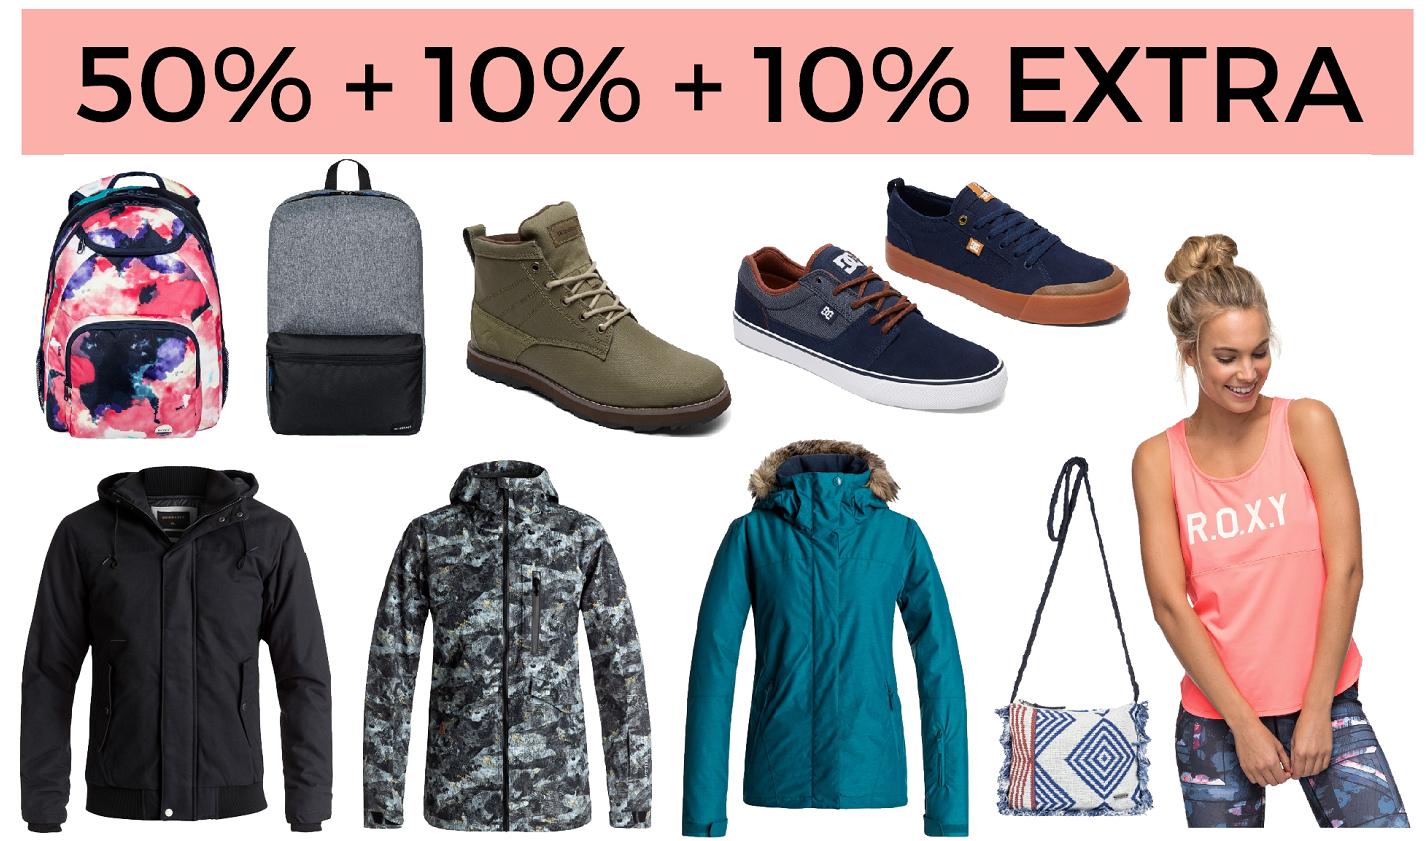 50% + 10% + 10% EXTRA Quiksilver, Roxy y DC